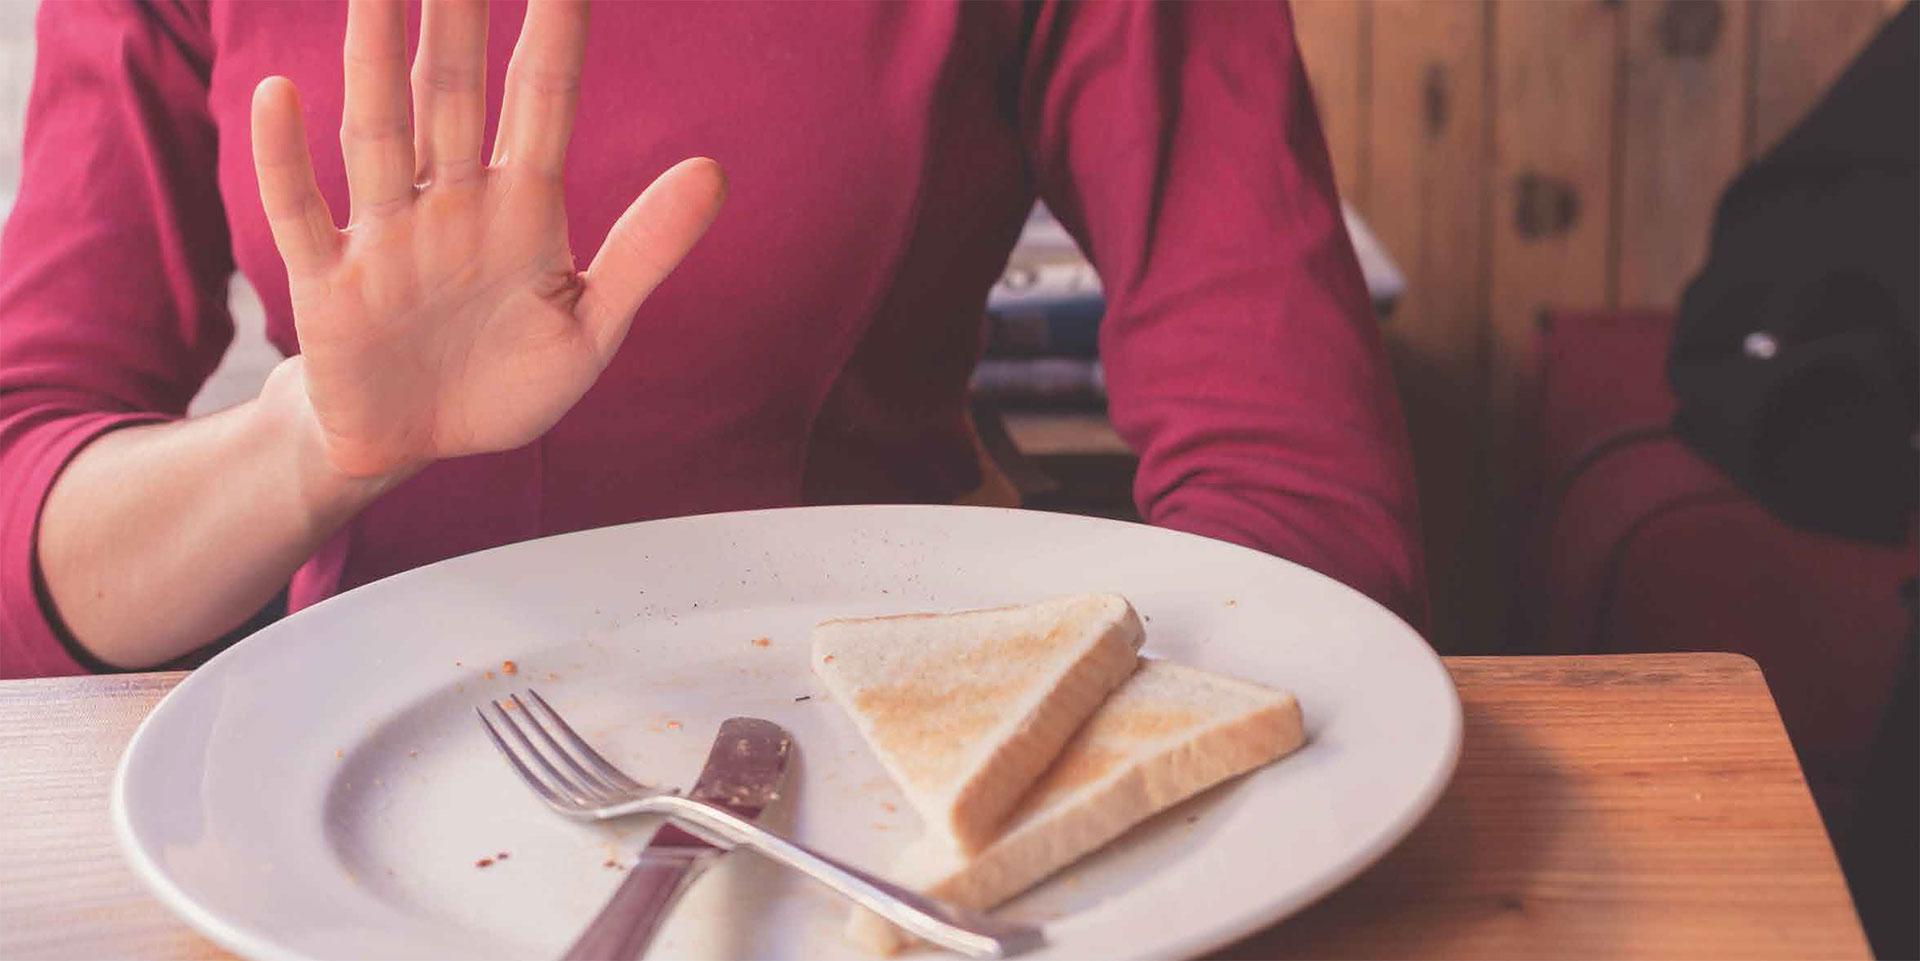 Nutrition sensibilité Gluten Paris - Dr Nguyen